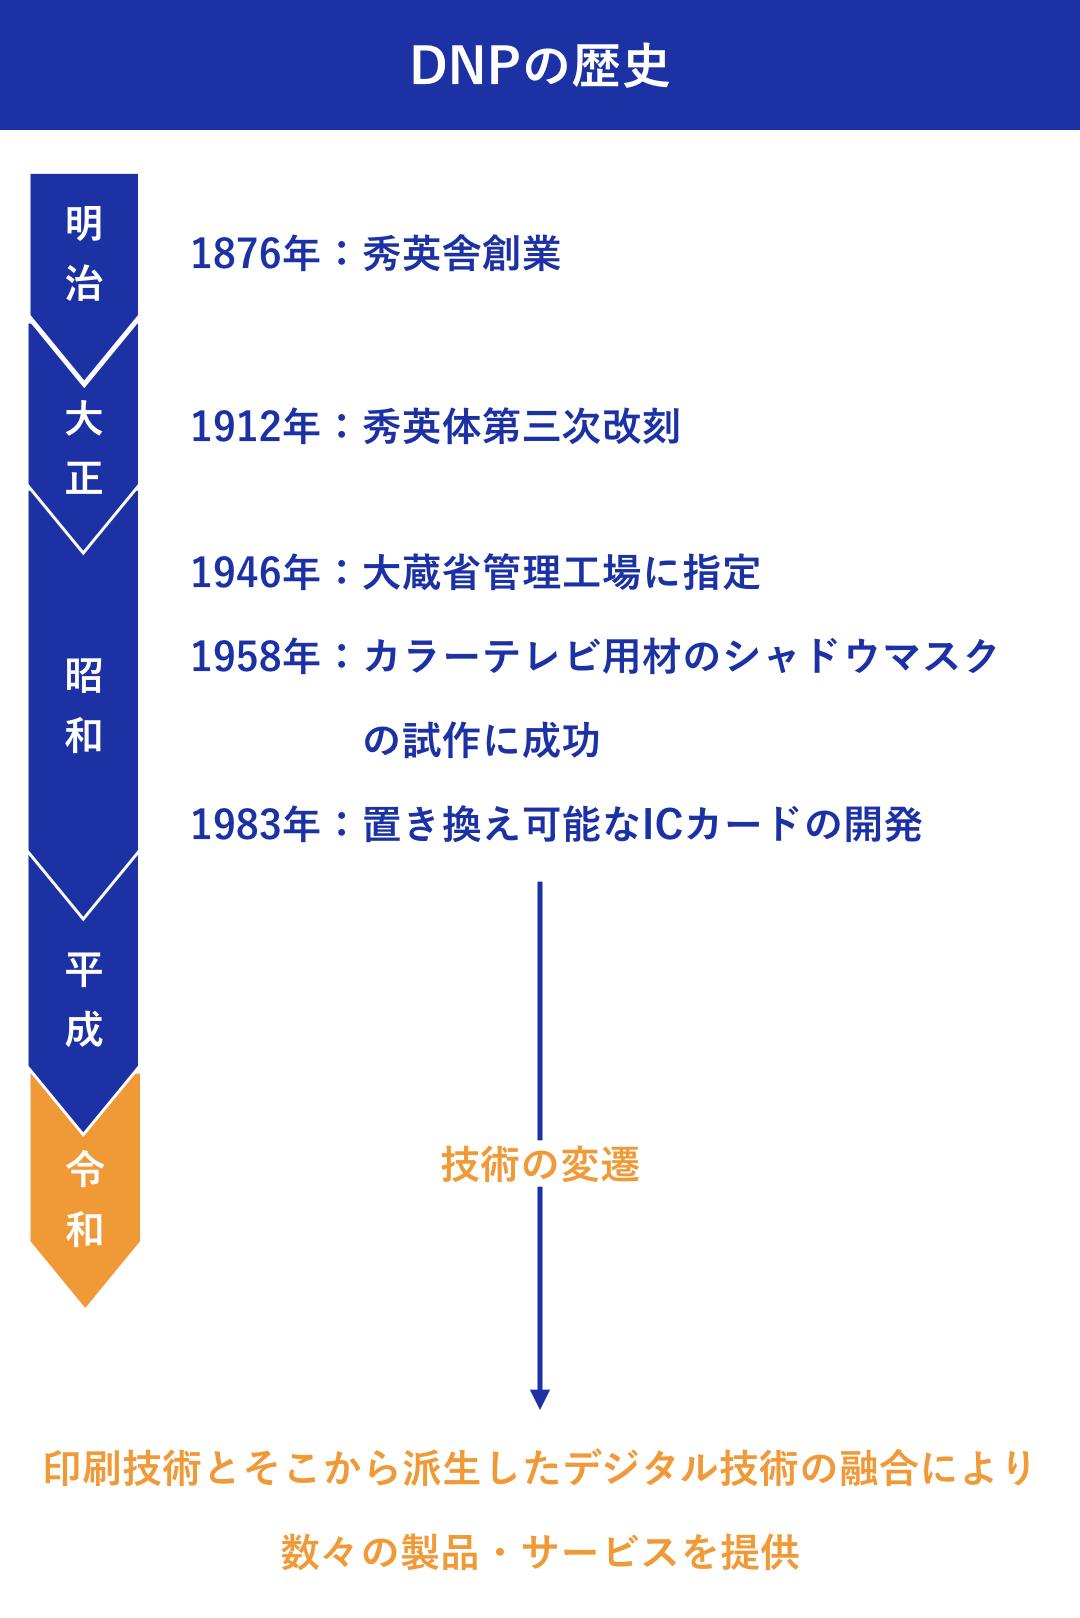 大日本印刷株式会社:加藤 綱貴 DNPの歴史